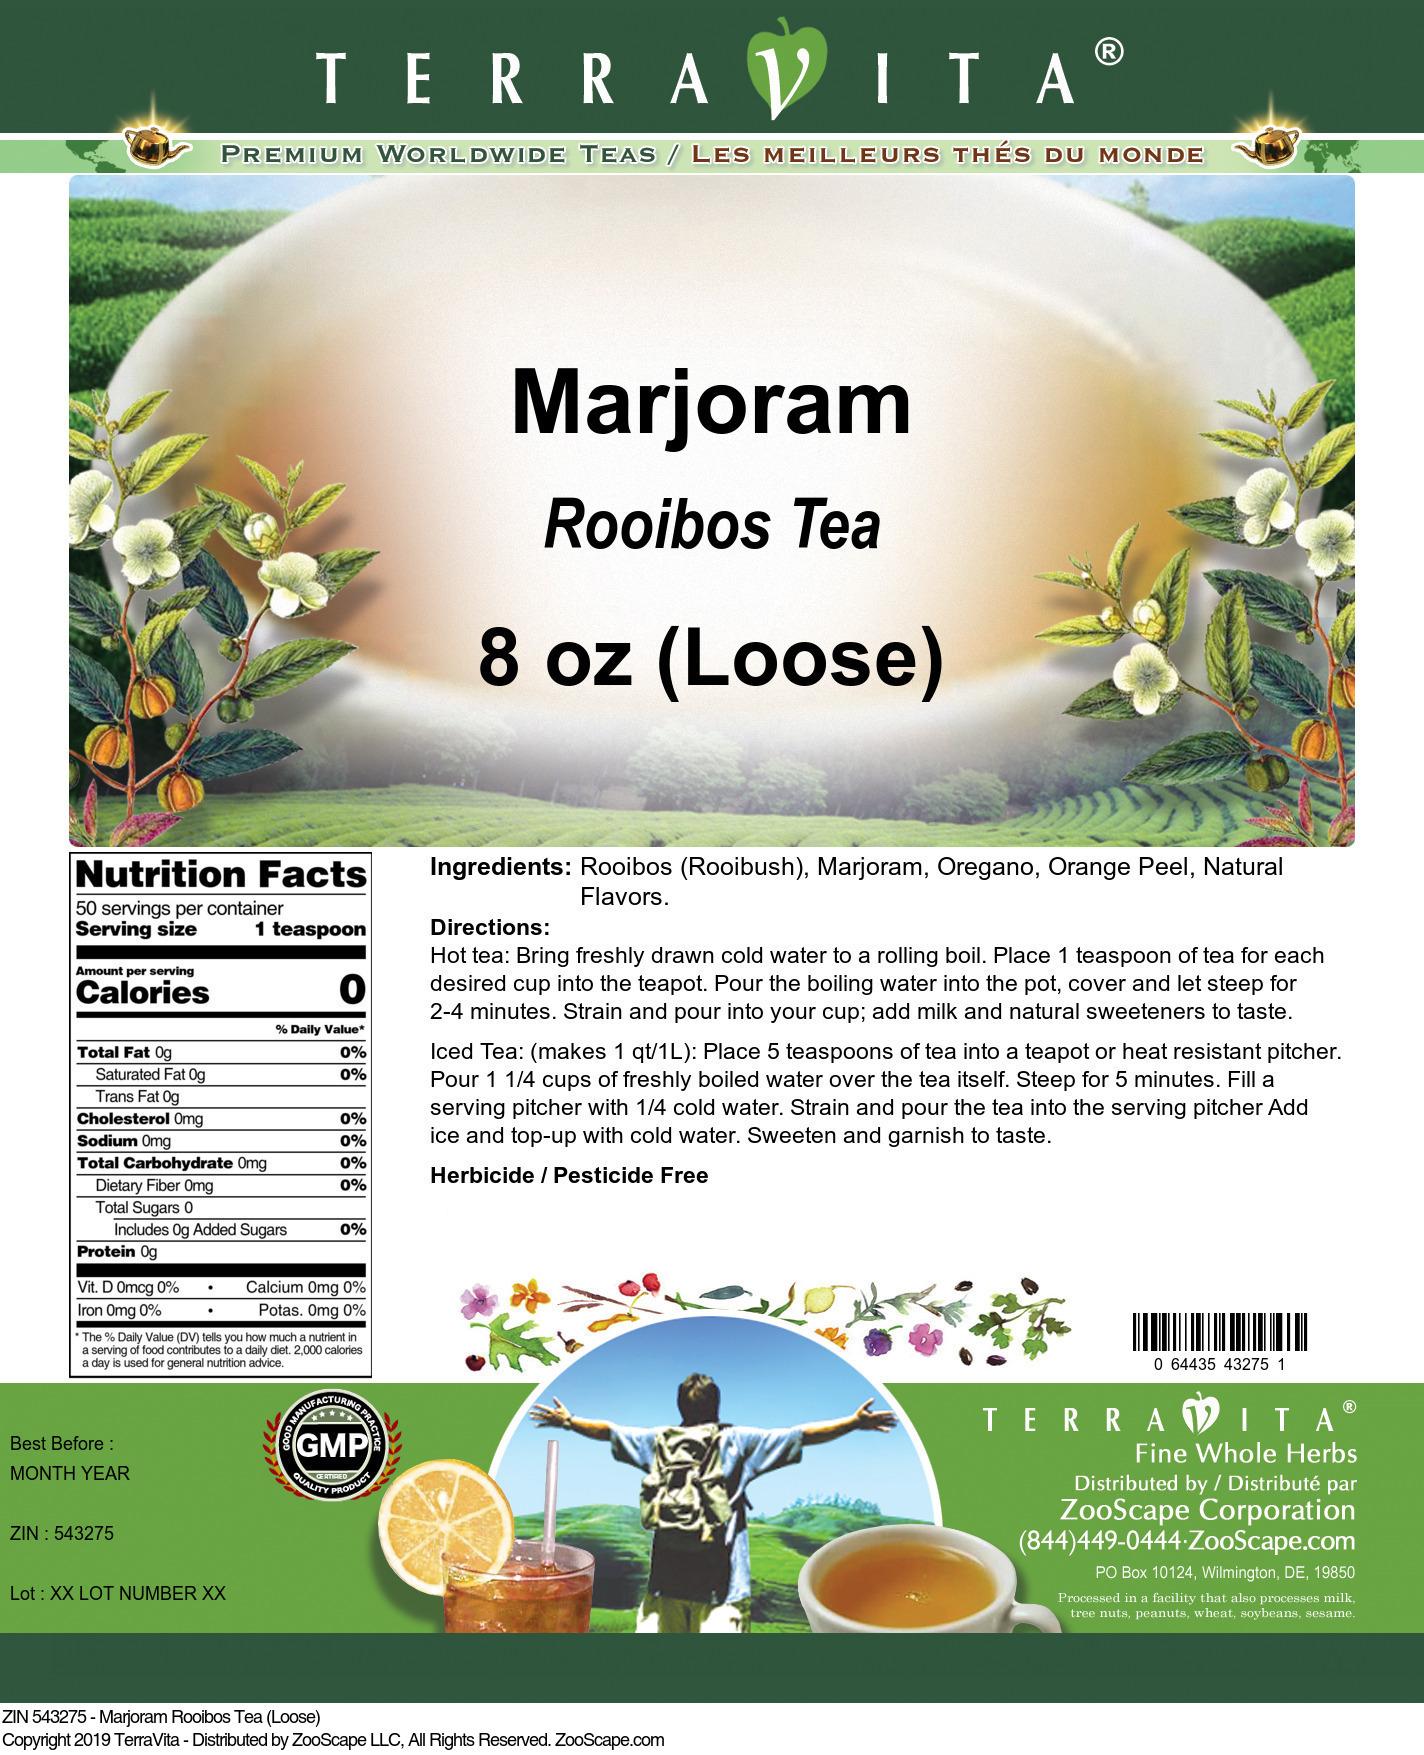 Marjoram Rooibos Tea